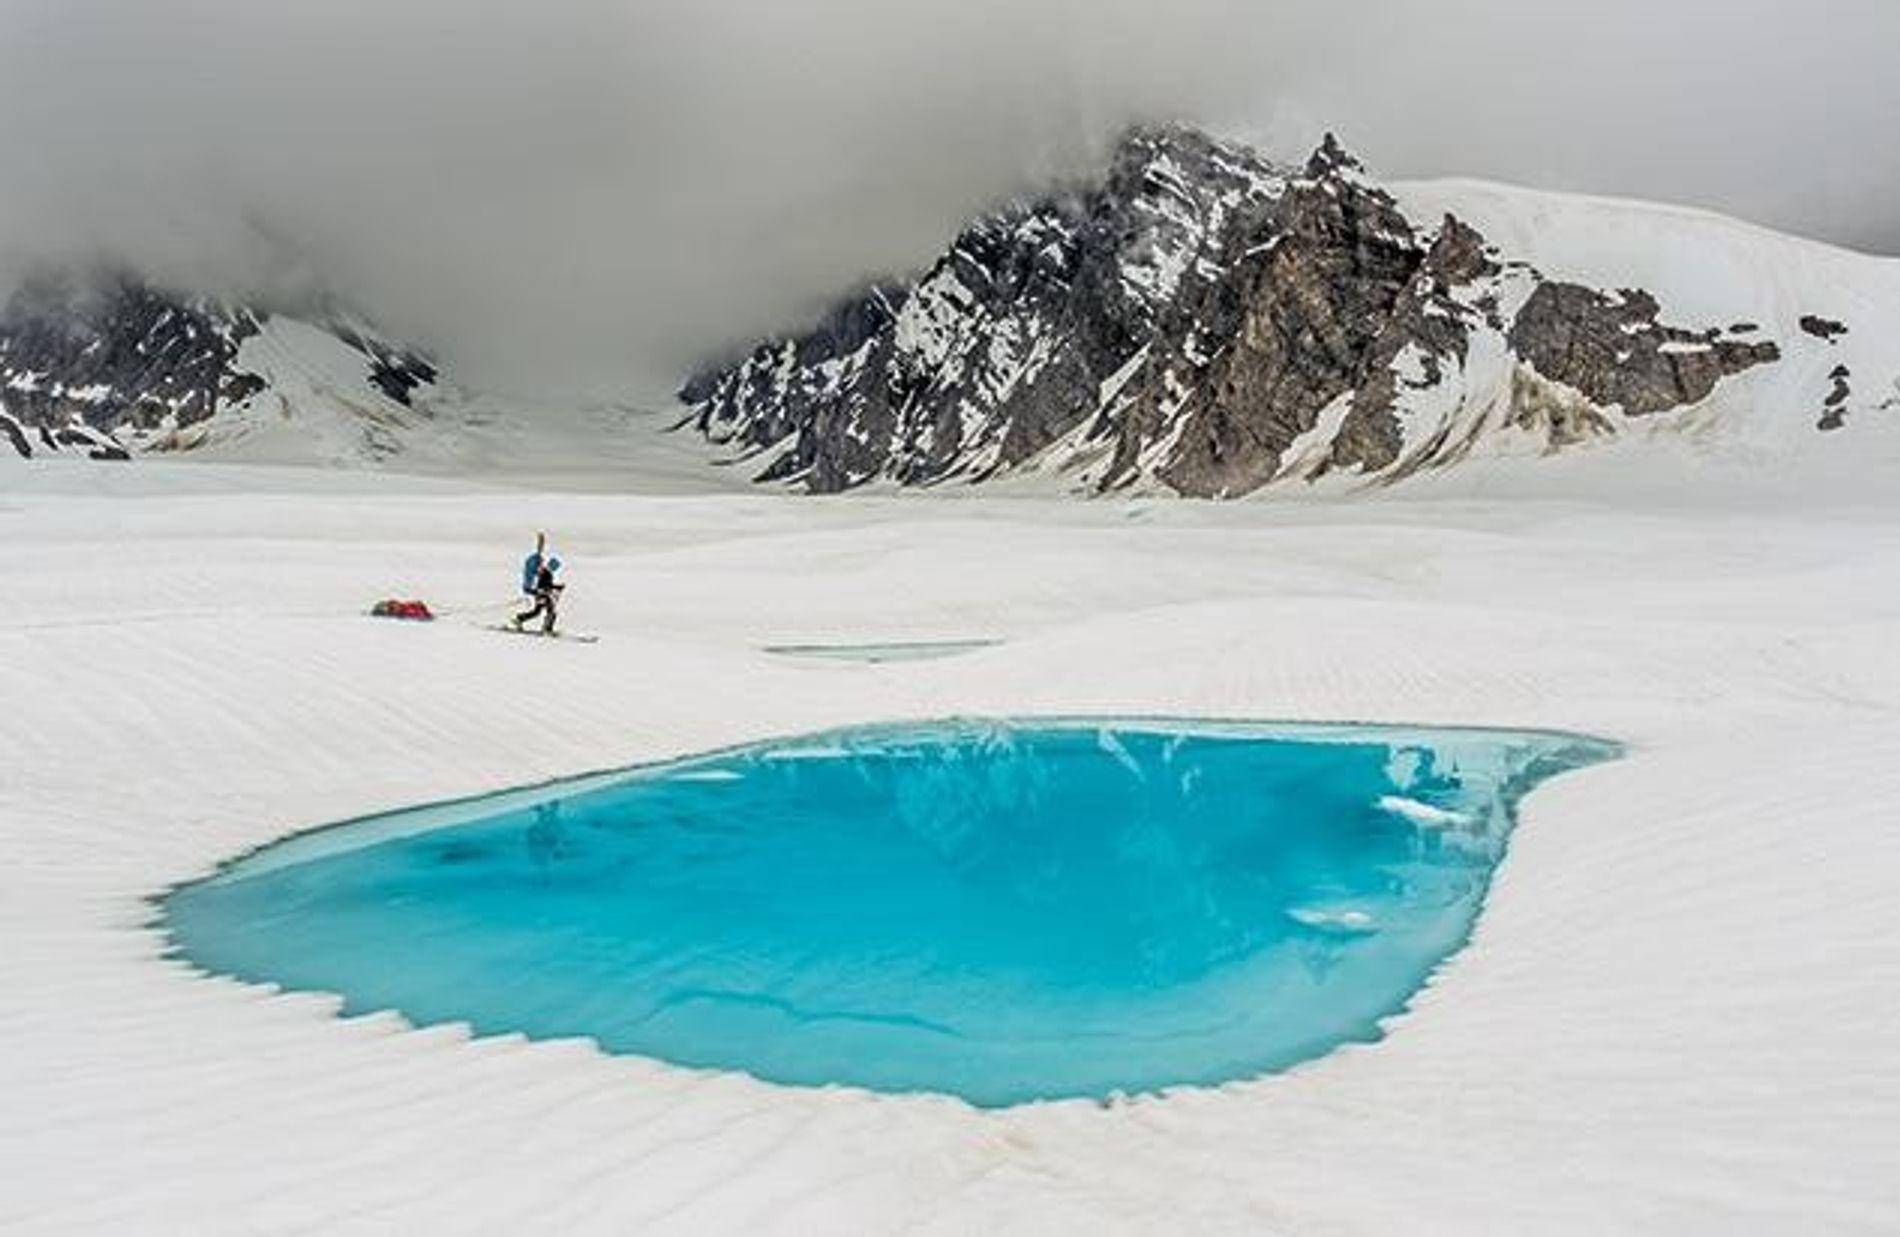 Unterwegs zu einer der vielen unbezwungenen Bergwände im Hochland des Denali passiert ein Bergsteiger auf Tourenskiern saphirblaues Schmelzwasser am Ruth-Gletscher.